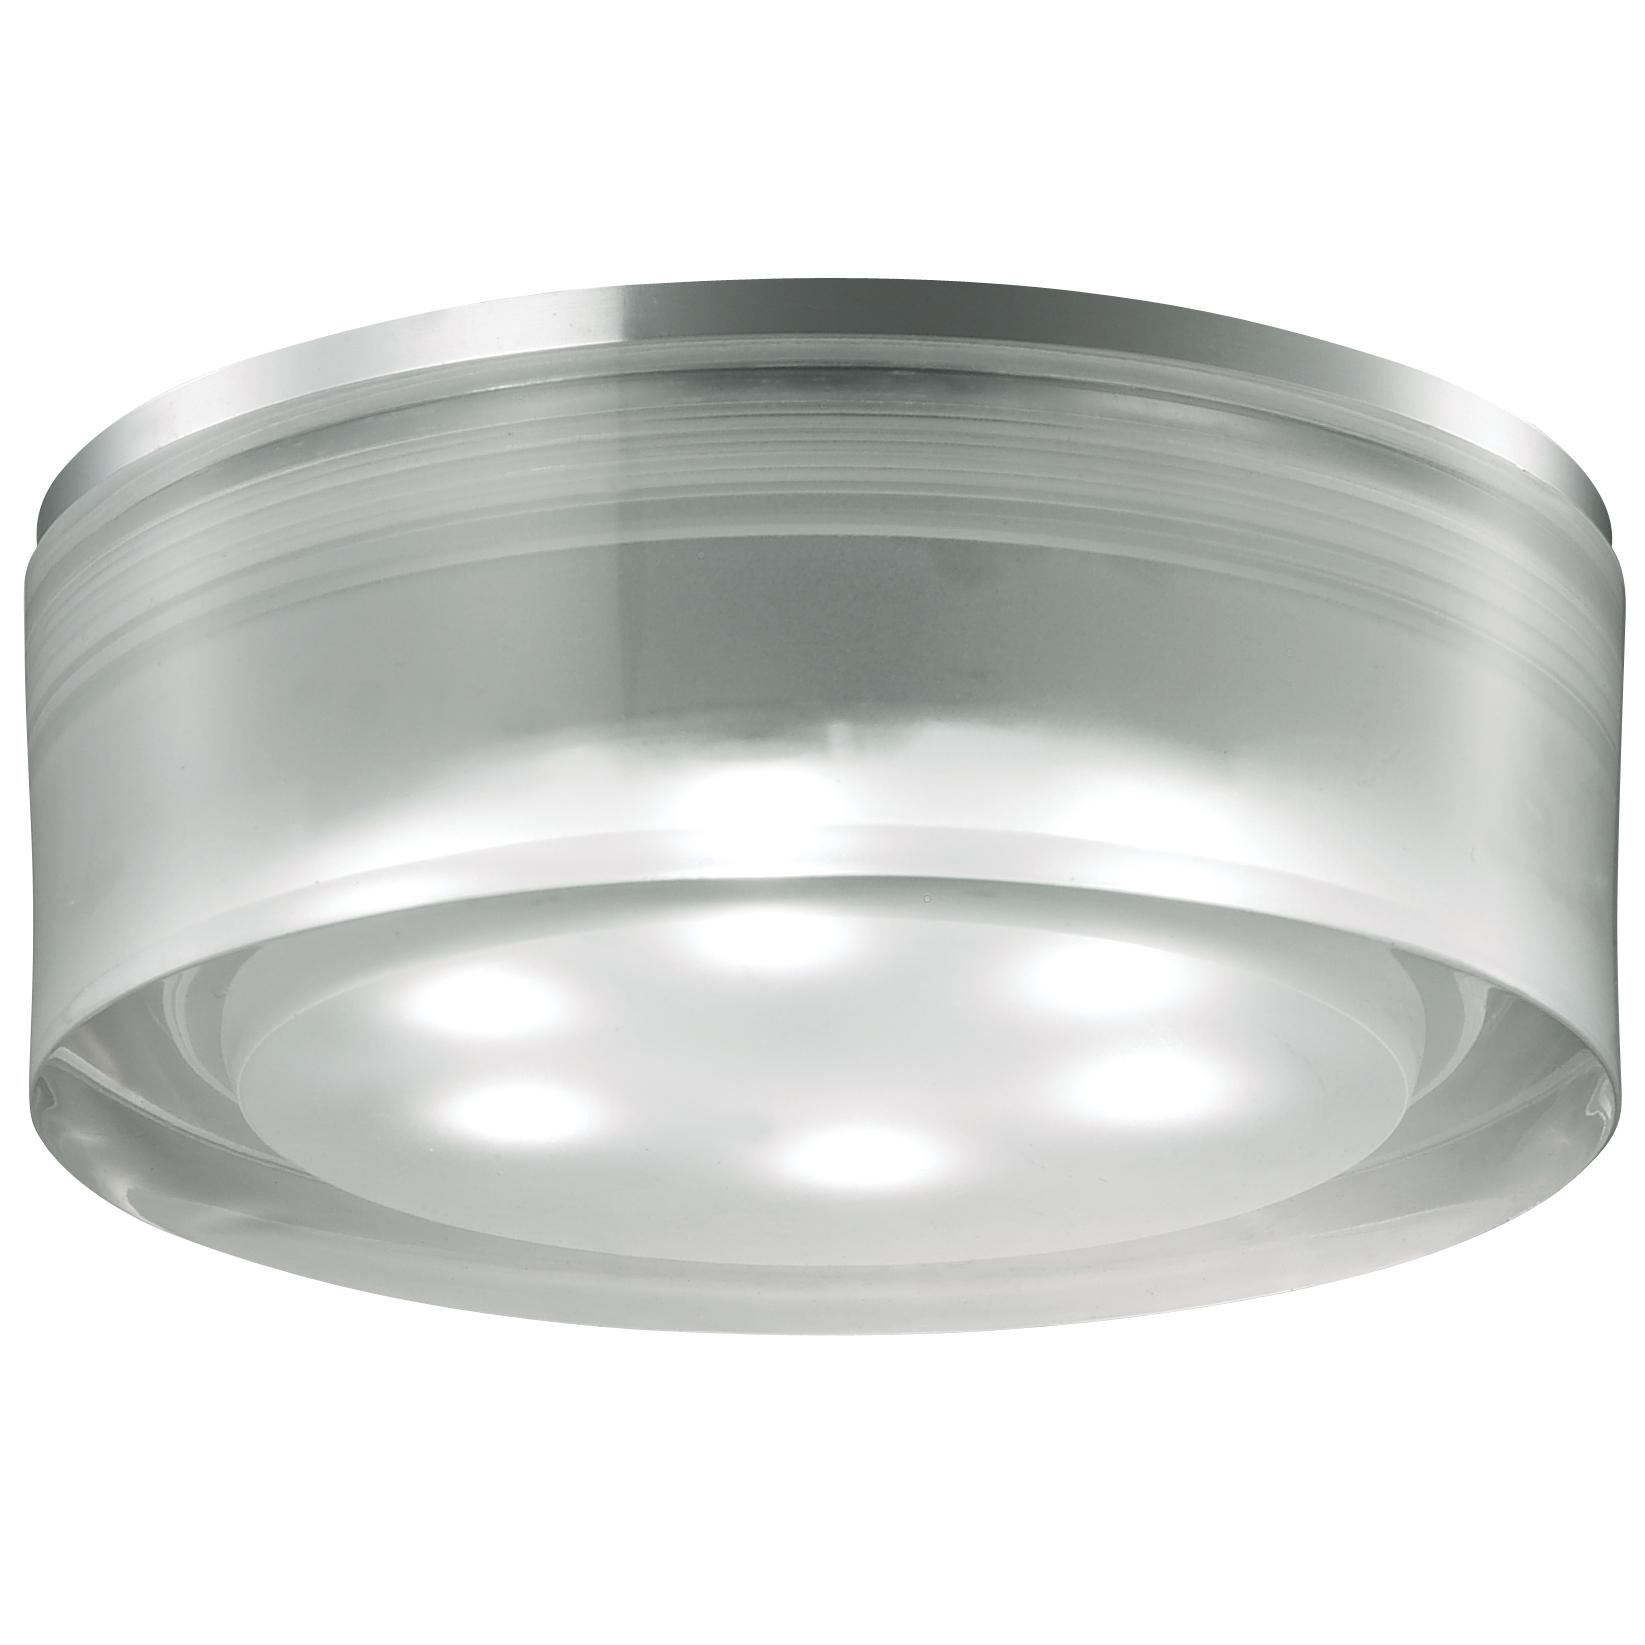 Светильник встраиваемый Novotech Ease nt11 210 357051